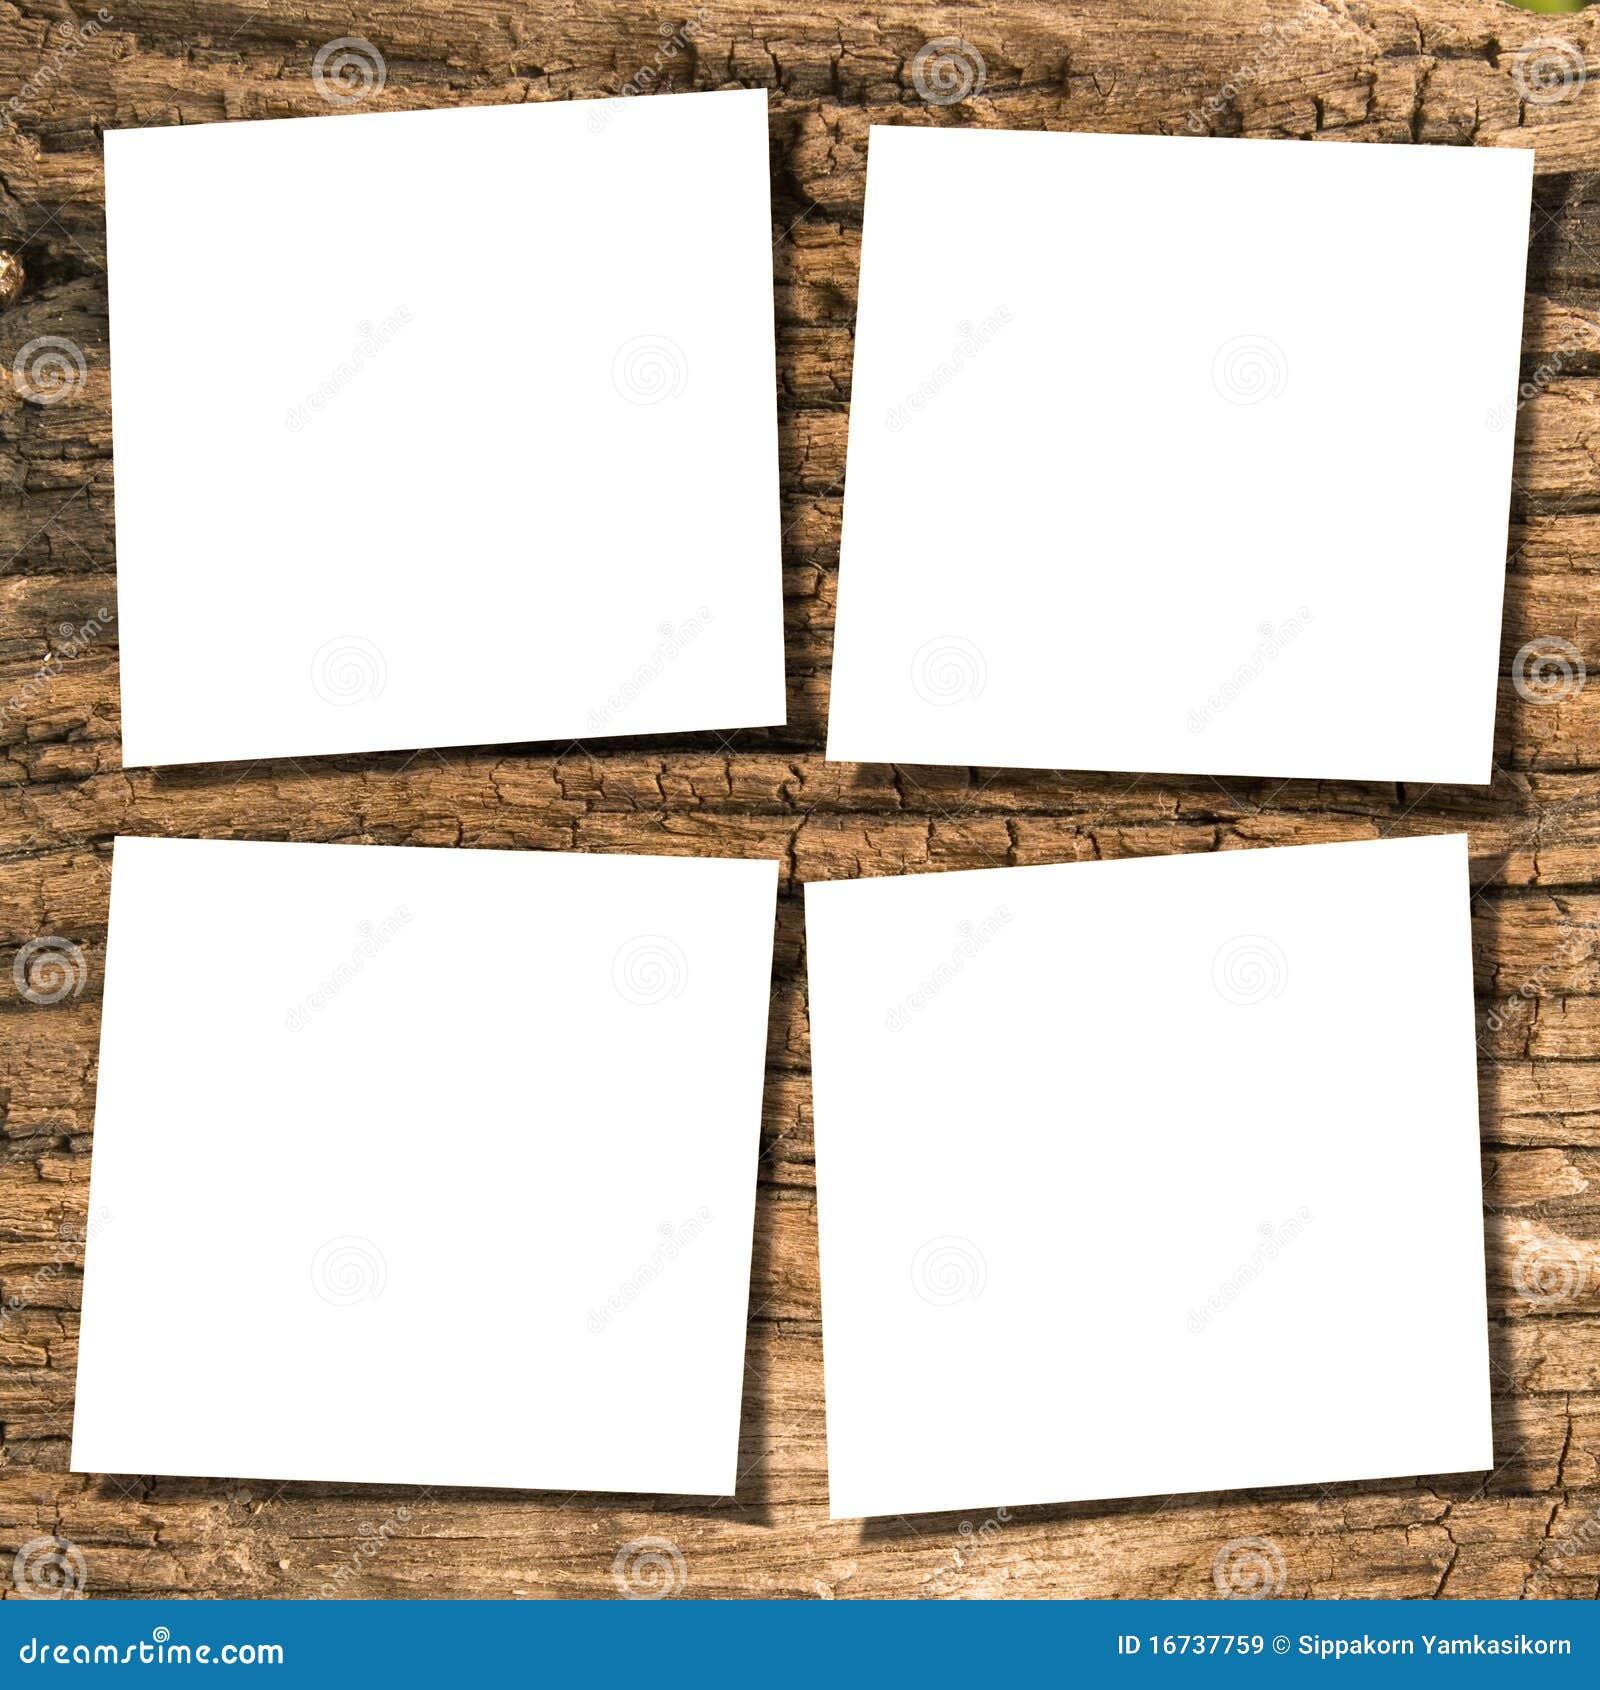 Documenti su legno